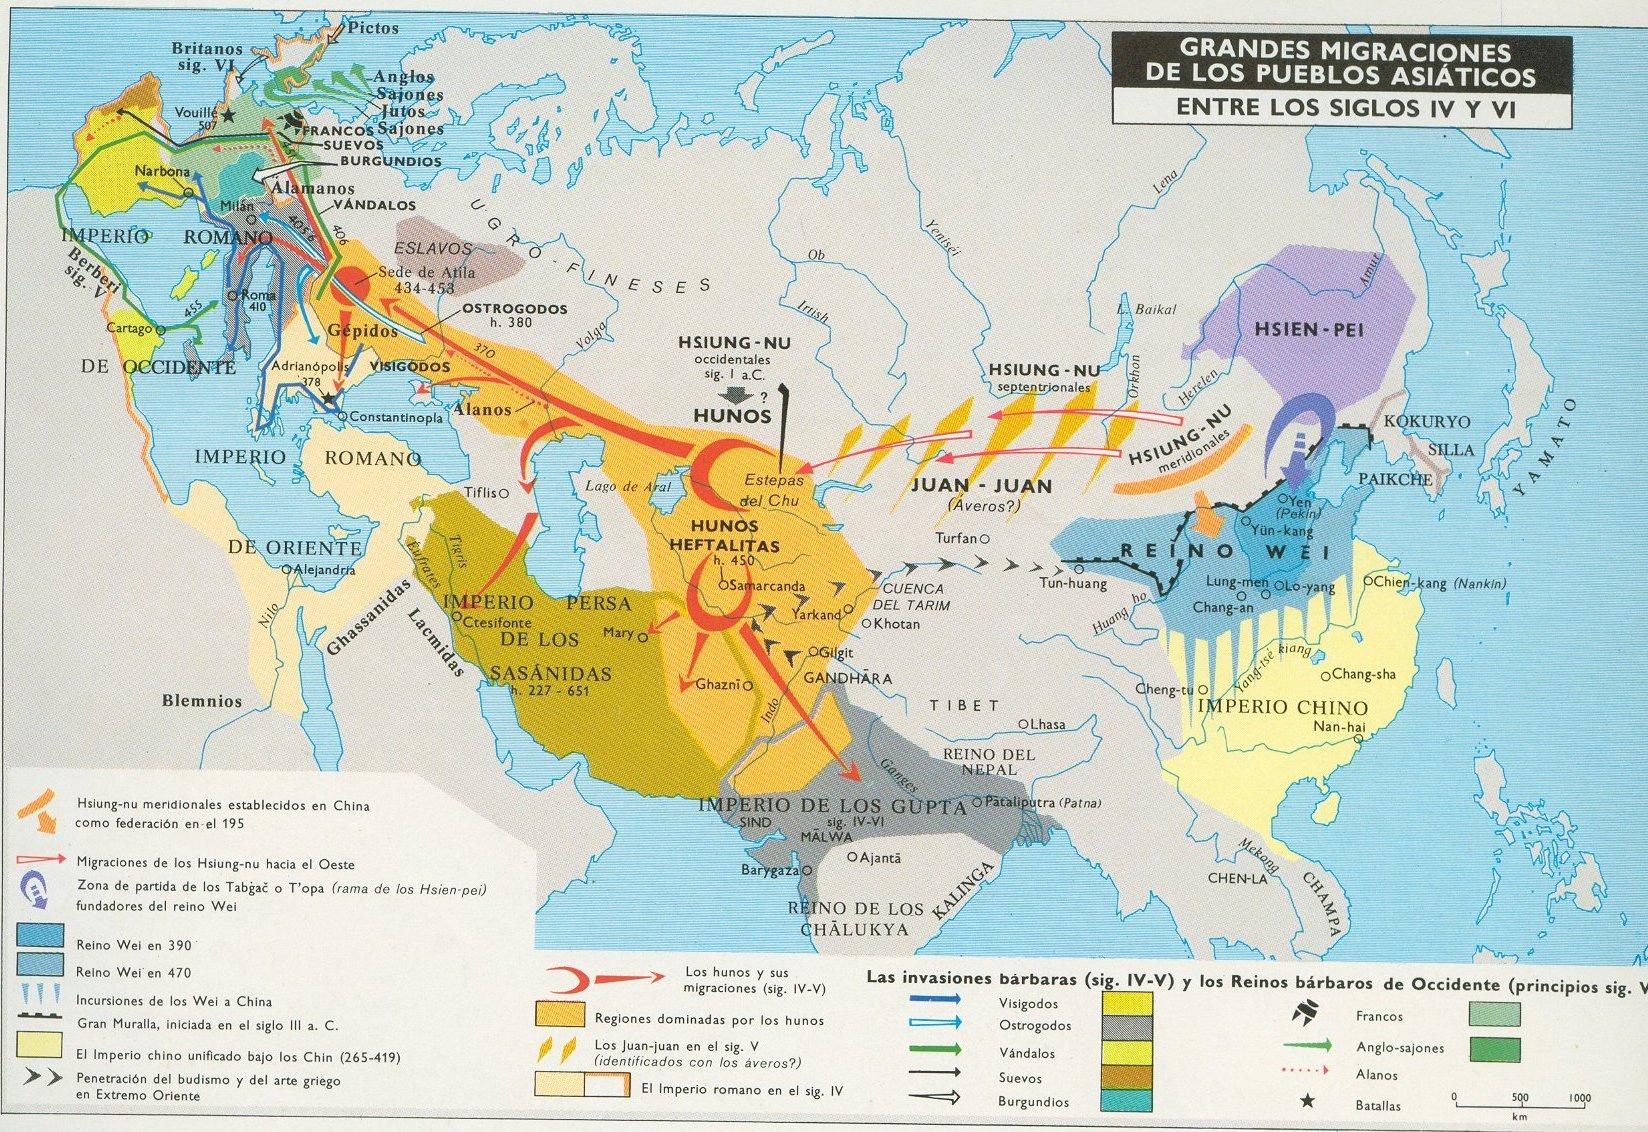 Grandes Migraciones de los Pueblos Asiáticos